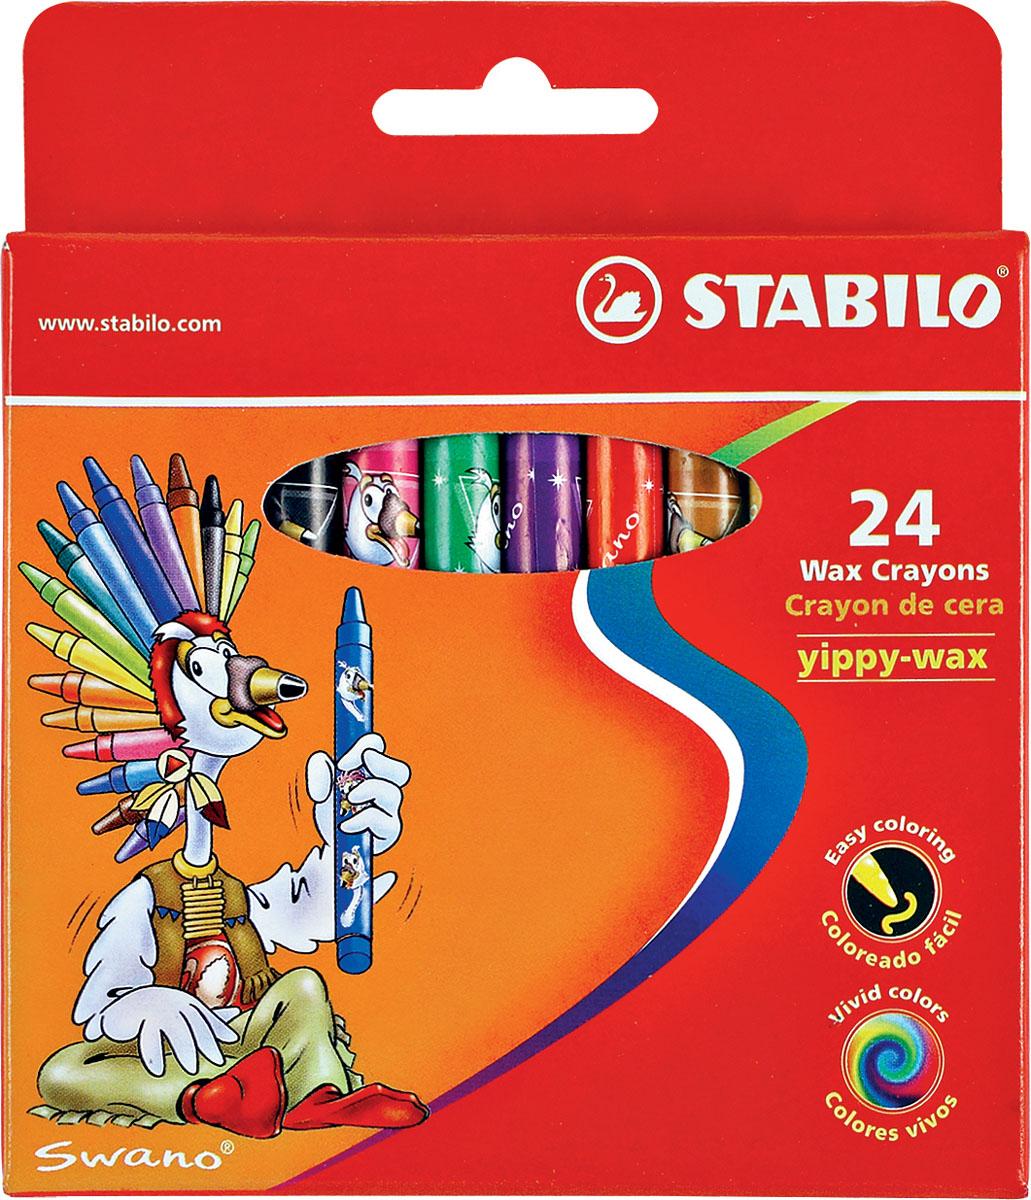 Восковые мелки Stabilo Yippy-wax, 24 цветаFS-00102Цветные восковые мелки отличаются необыкновенной яркостью и стойкостью цвета. Легко смешиваются и позволяют создавать огромное количество оттенков. Очень прочные, не крошатся, не ломаются, не образуют пыли, не нуждаются в затачивании. Каждый мелок в индивидуальной бумажной упаковке. Характеристики:Материал:воск. Диаметр мелка:1 см. Длина мелка:9,3 см. Размер упаковки:10,5 см х 12 см х 1,5 см. Изготовитель:Малайзия.